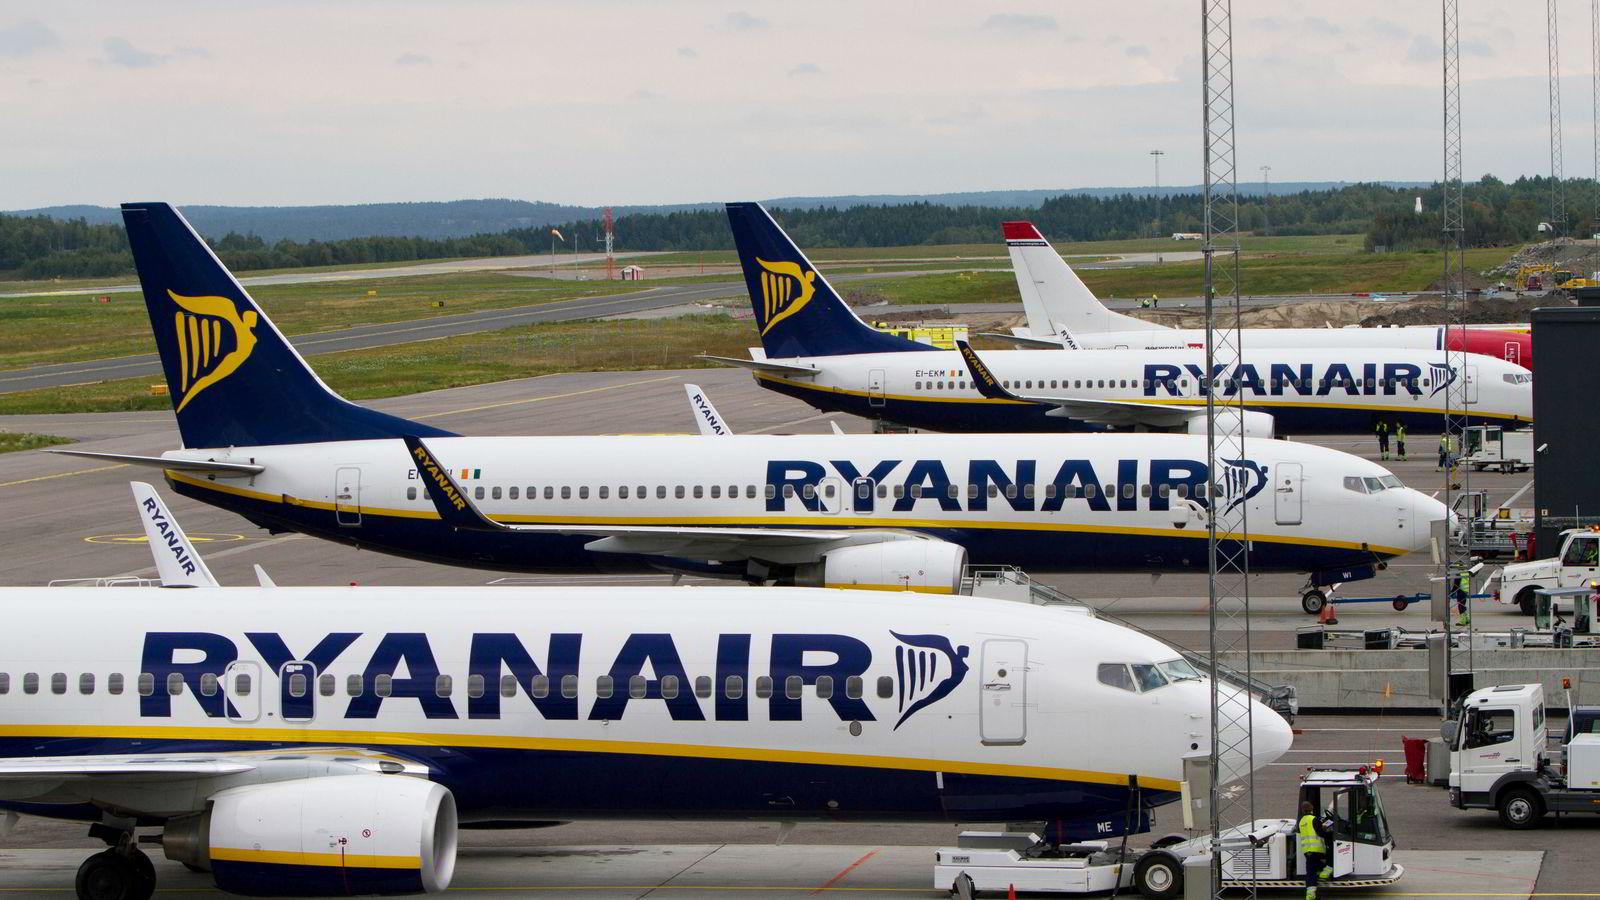 Arbeidsrettssaken mellom Ryanair og en tidligere kabinansatt skal føres etter norske lover, slår Borgarting lagmannsrett fast.